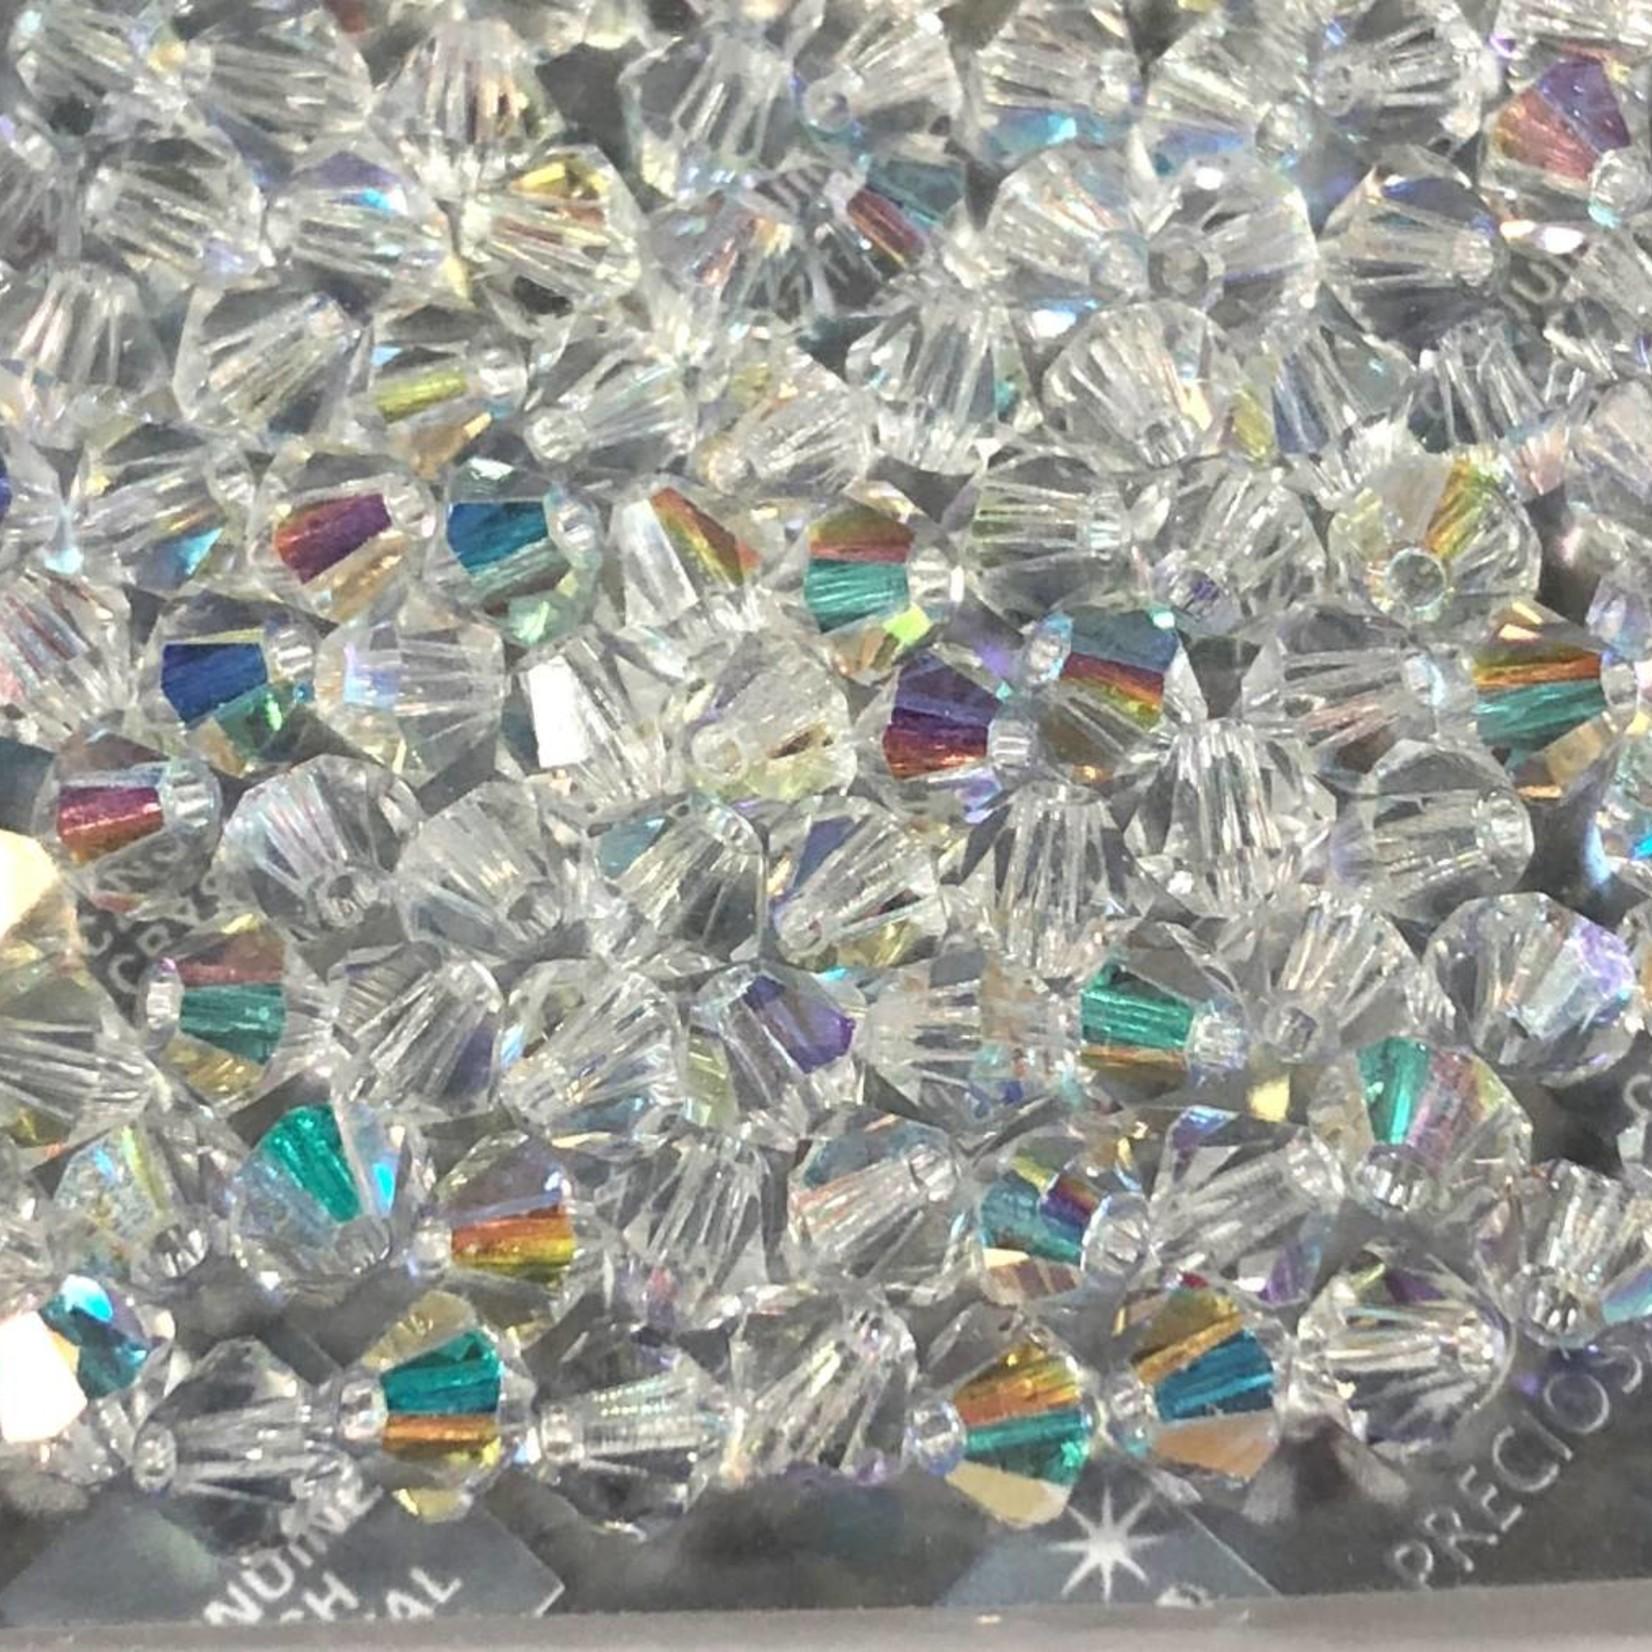 Preciosa Crystal 4mm Bicone Crystal AB 144pcs